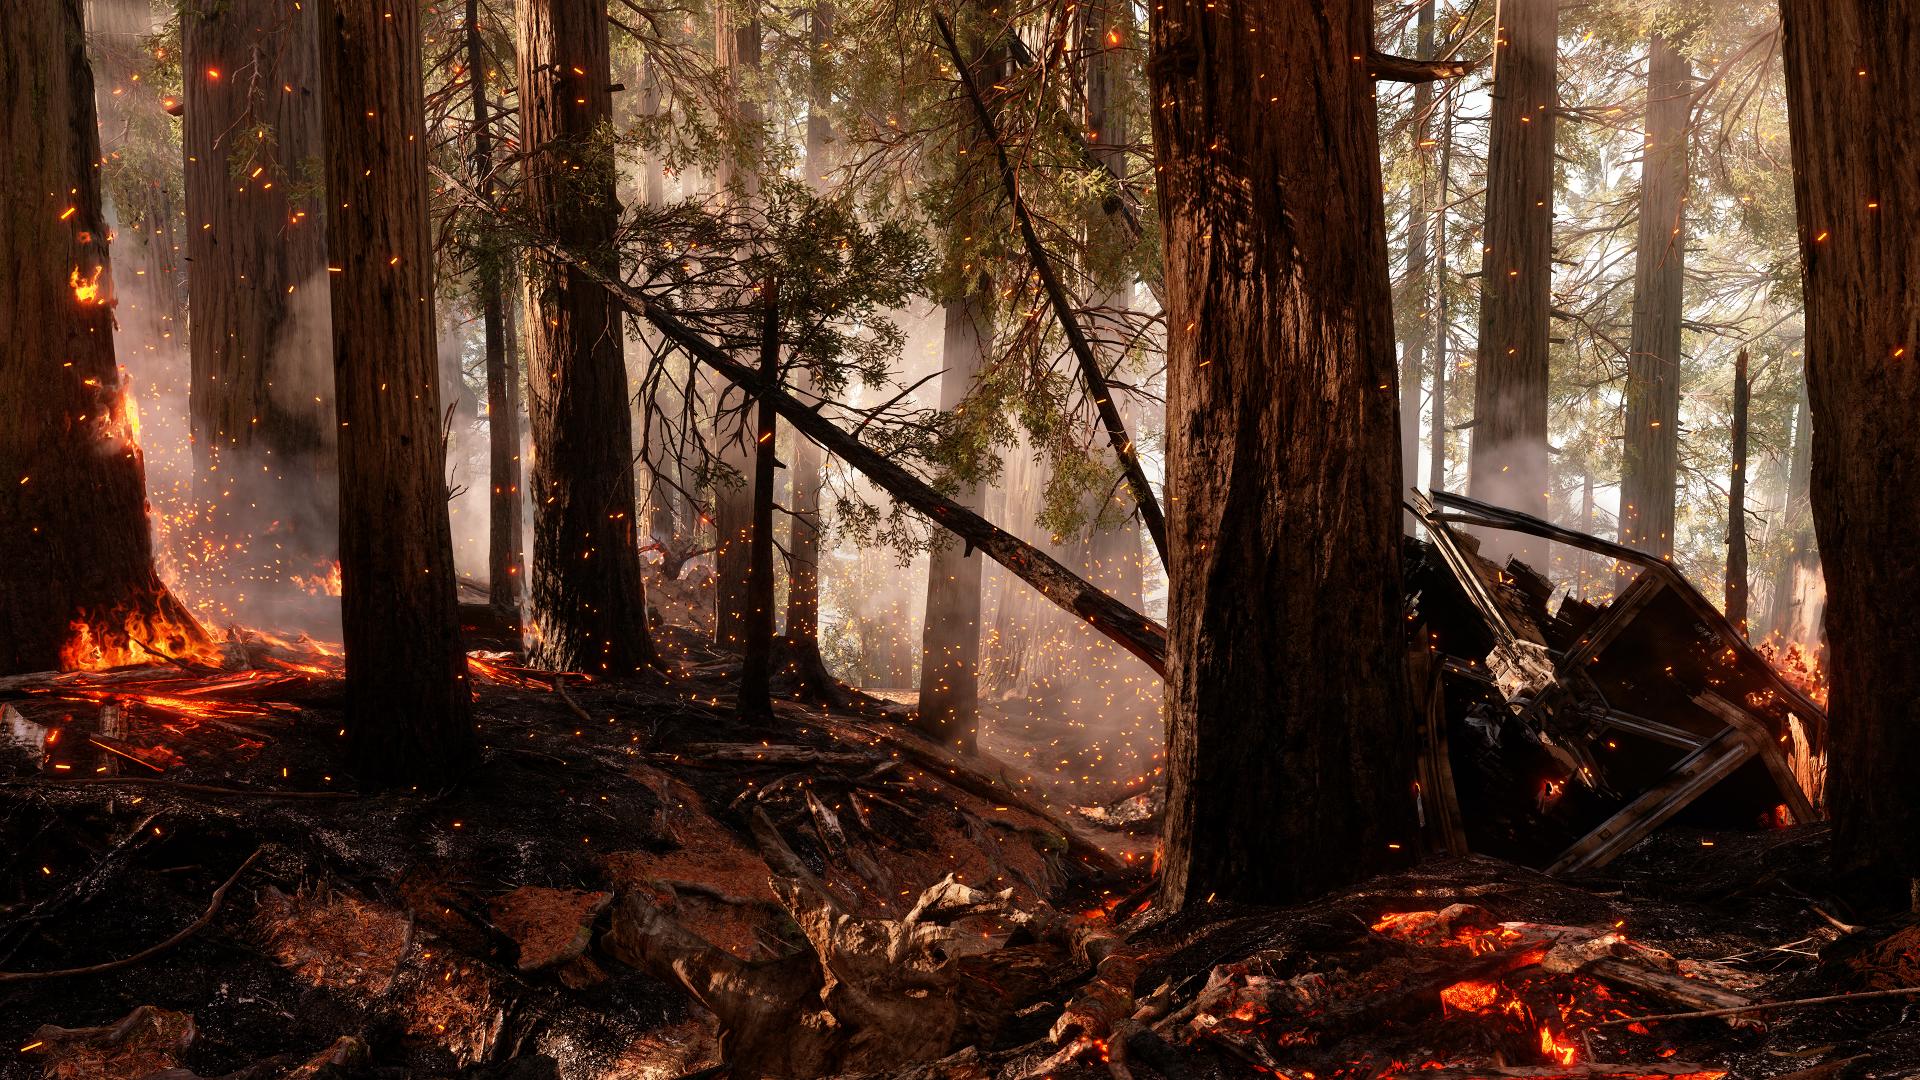 Star Wars Battlefront Endor Fire Wallpaper By Faithfullfaun1 On Deviantart